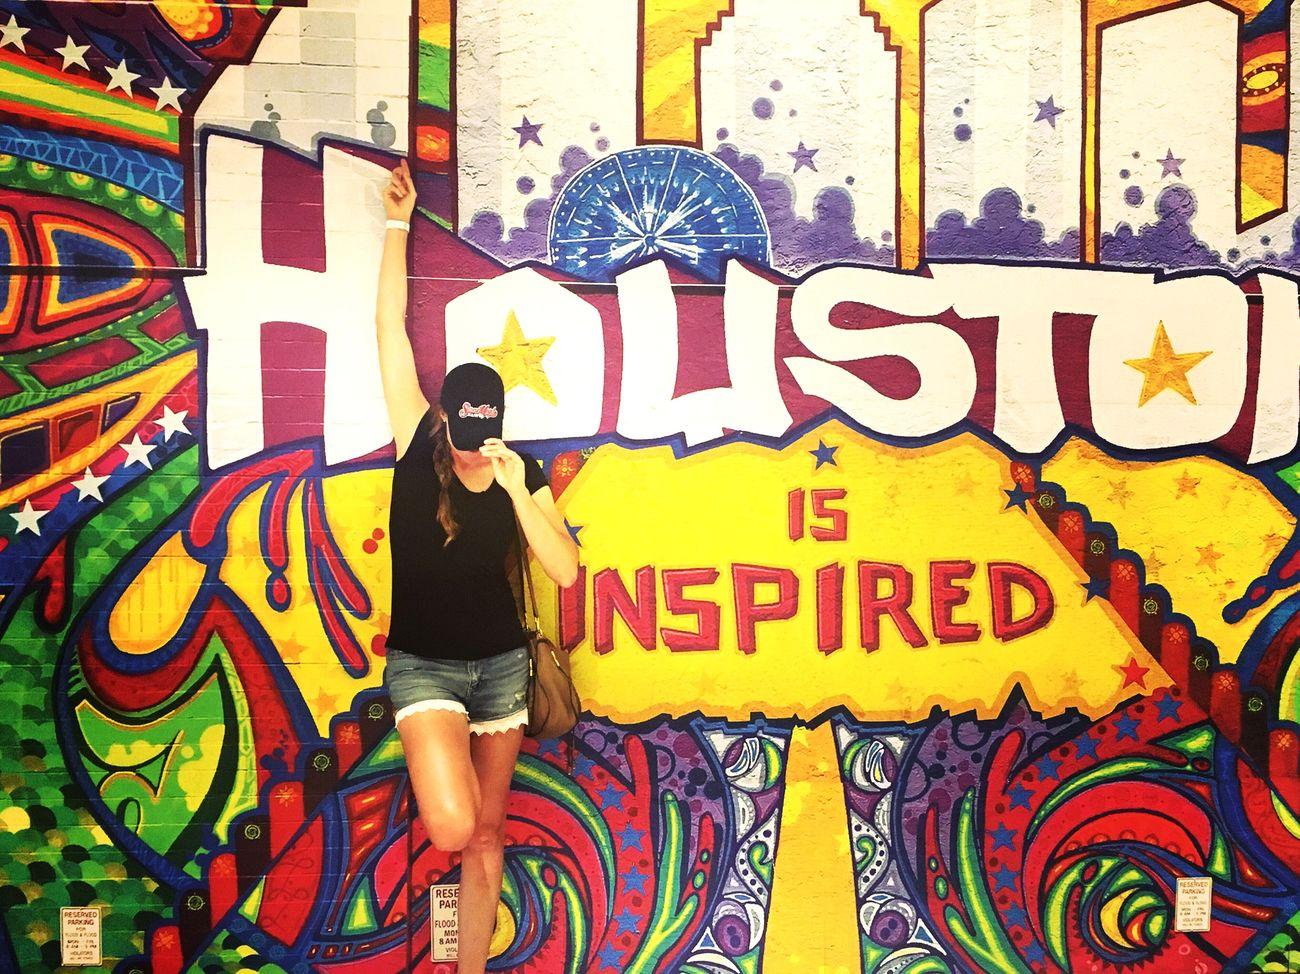 Finding New Frontiers Houston Texas Believe Art Surreal